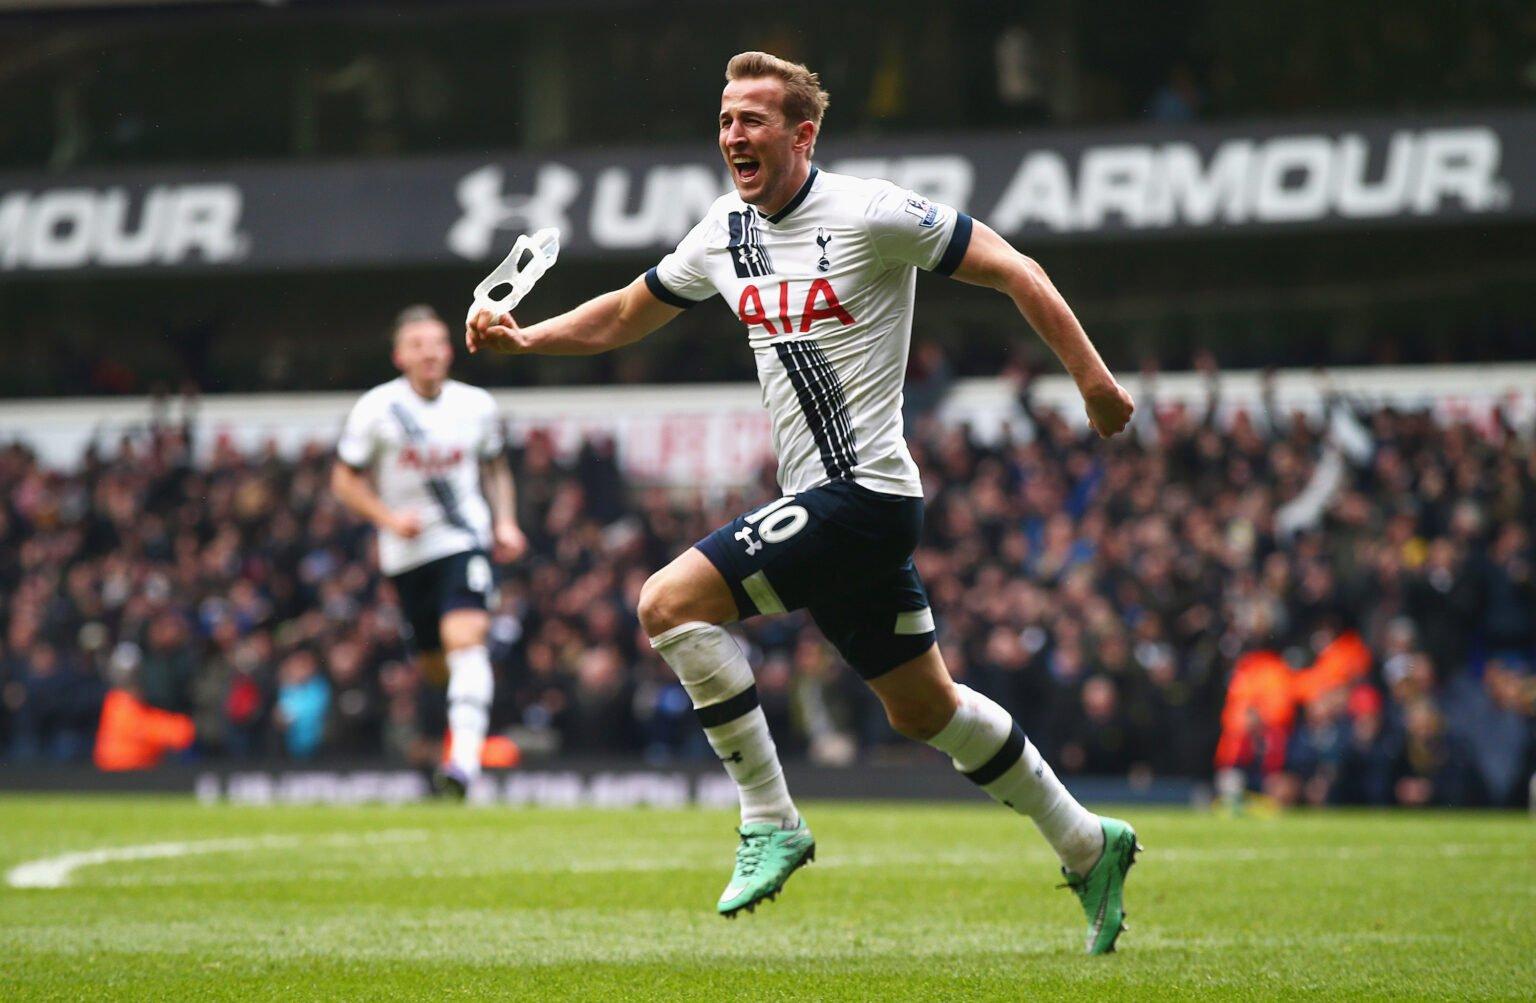 Với Kane, Spurs đã giành chiến thắng trong derby London nhiều hơn, nhưng họ vẫn chưa thể vô địch